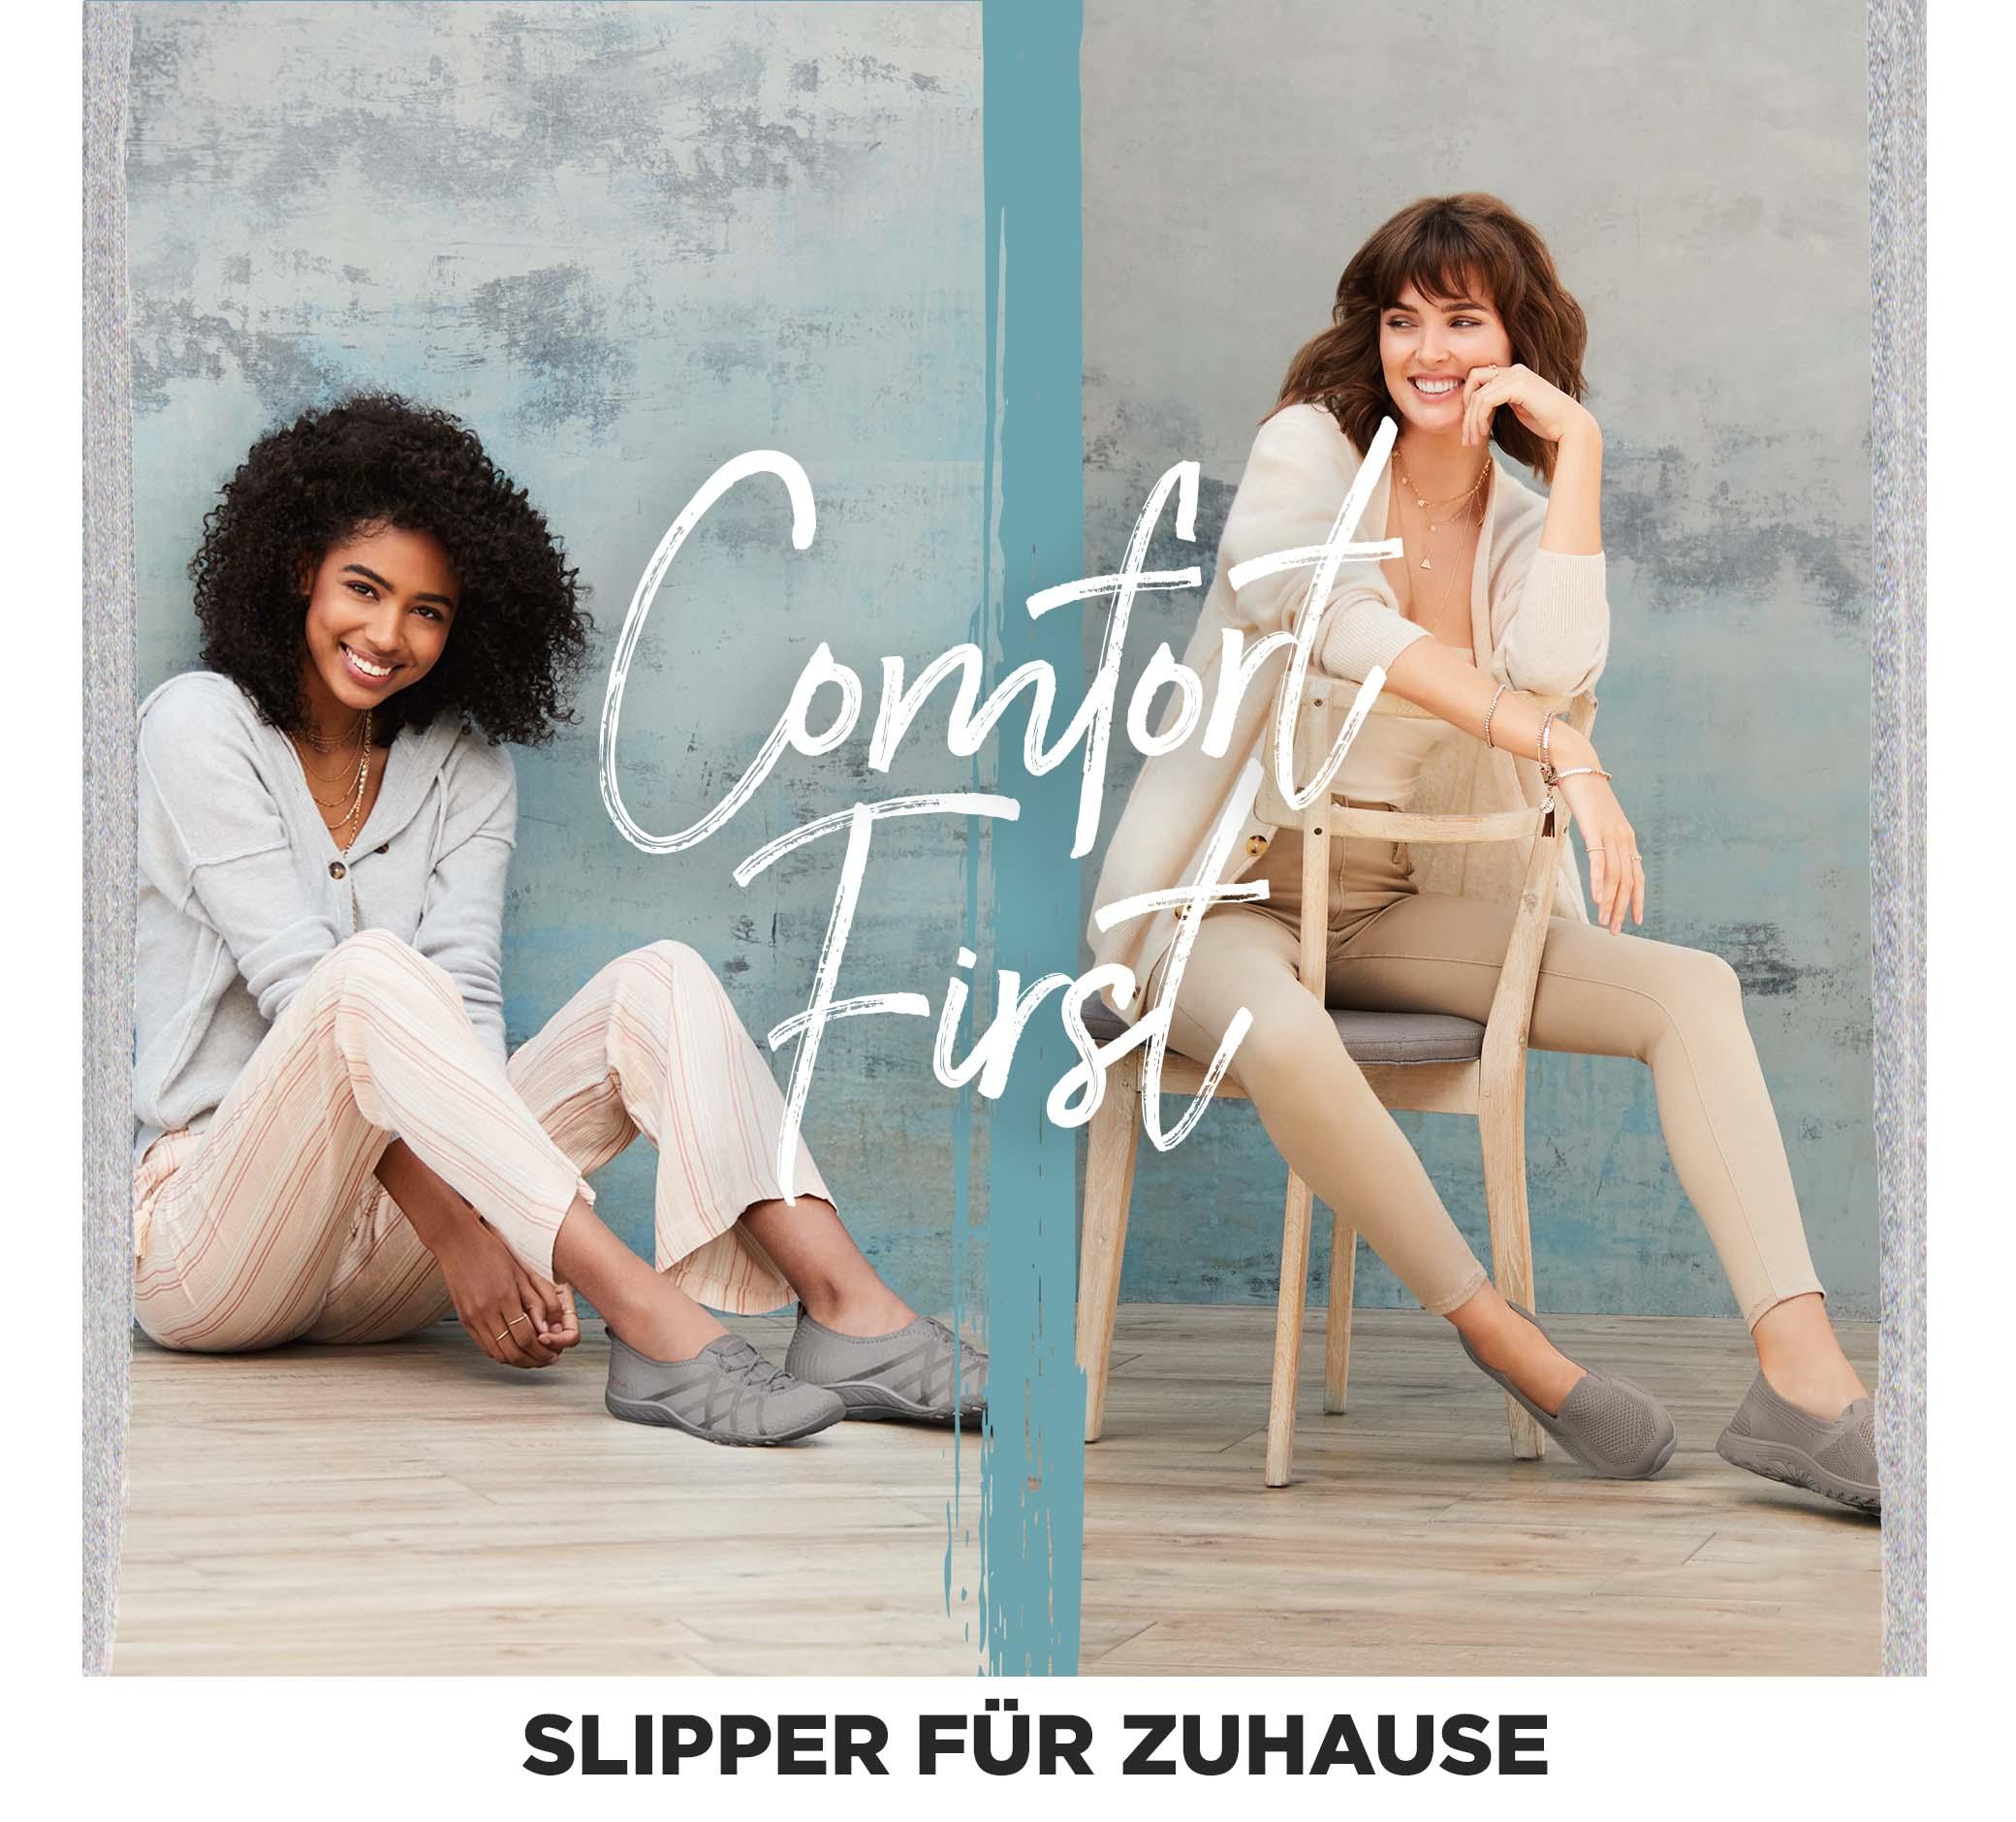 COMFORT FIRST - SLIPPER FüR ZUHAUSE